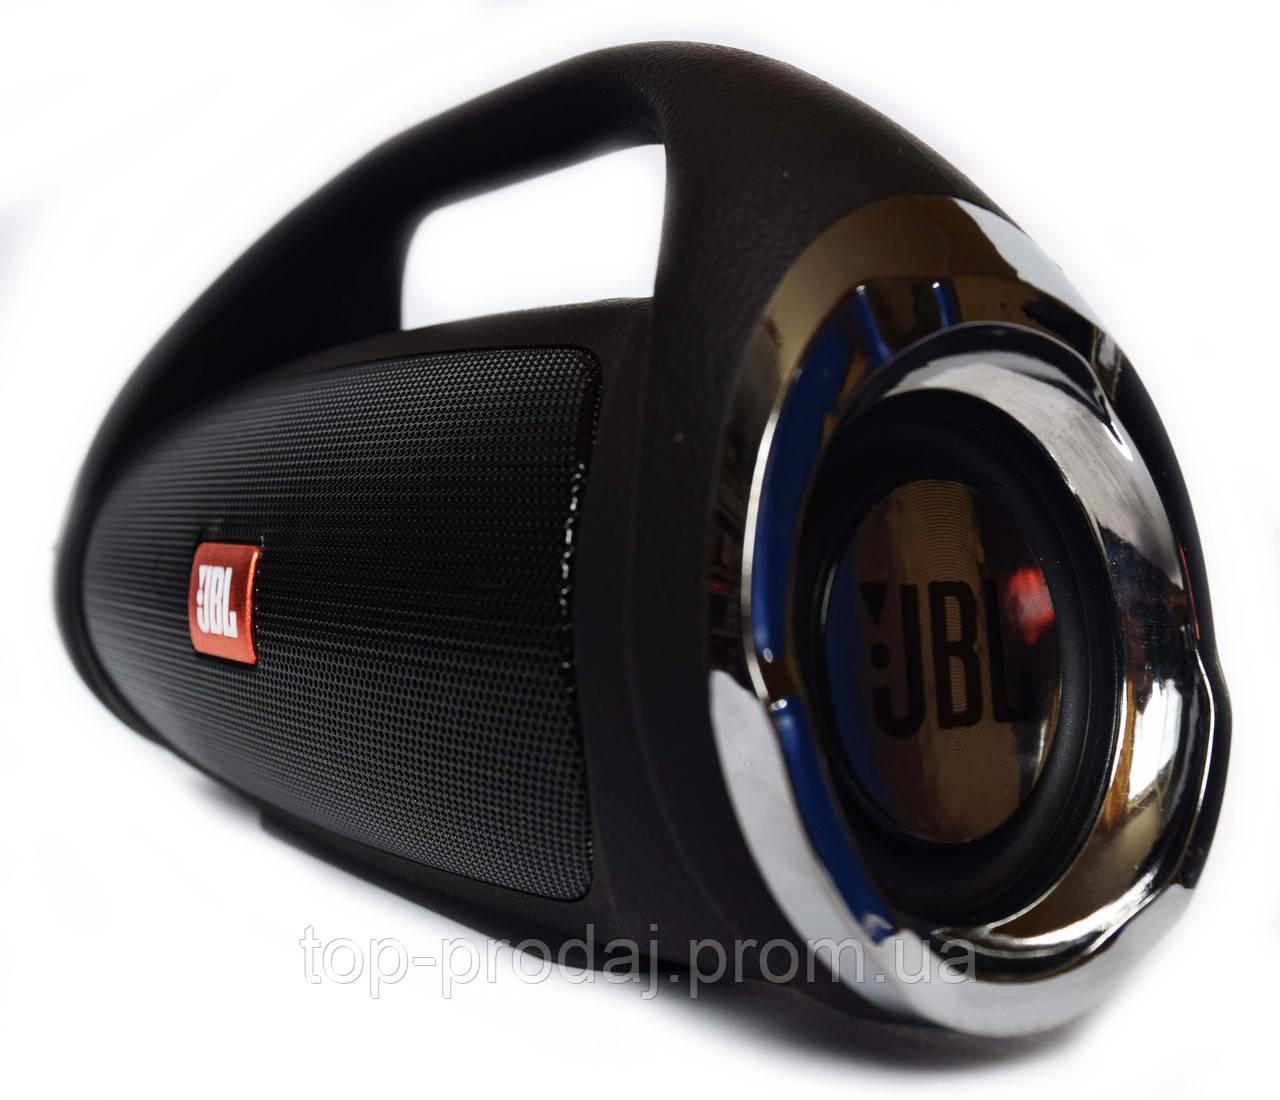 Музыкальная колонка SPS JBL Boom BASS Mini BT, Мощный динамик, Bluetooth динамик, Беспроводная колонка блютуз